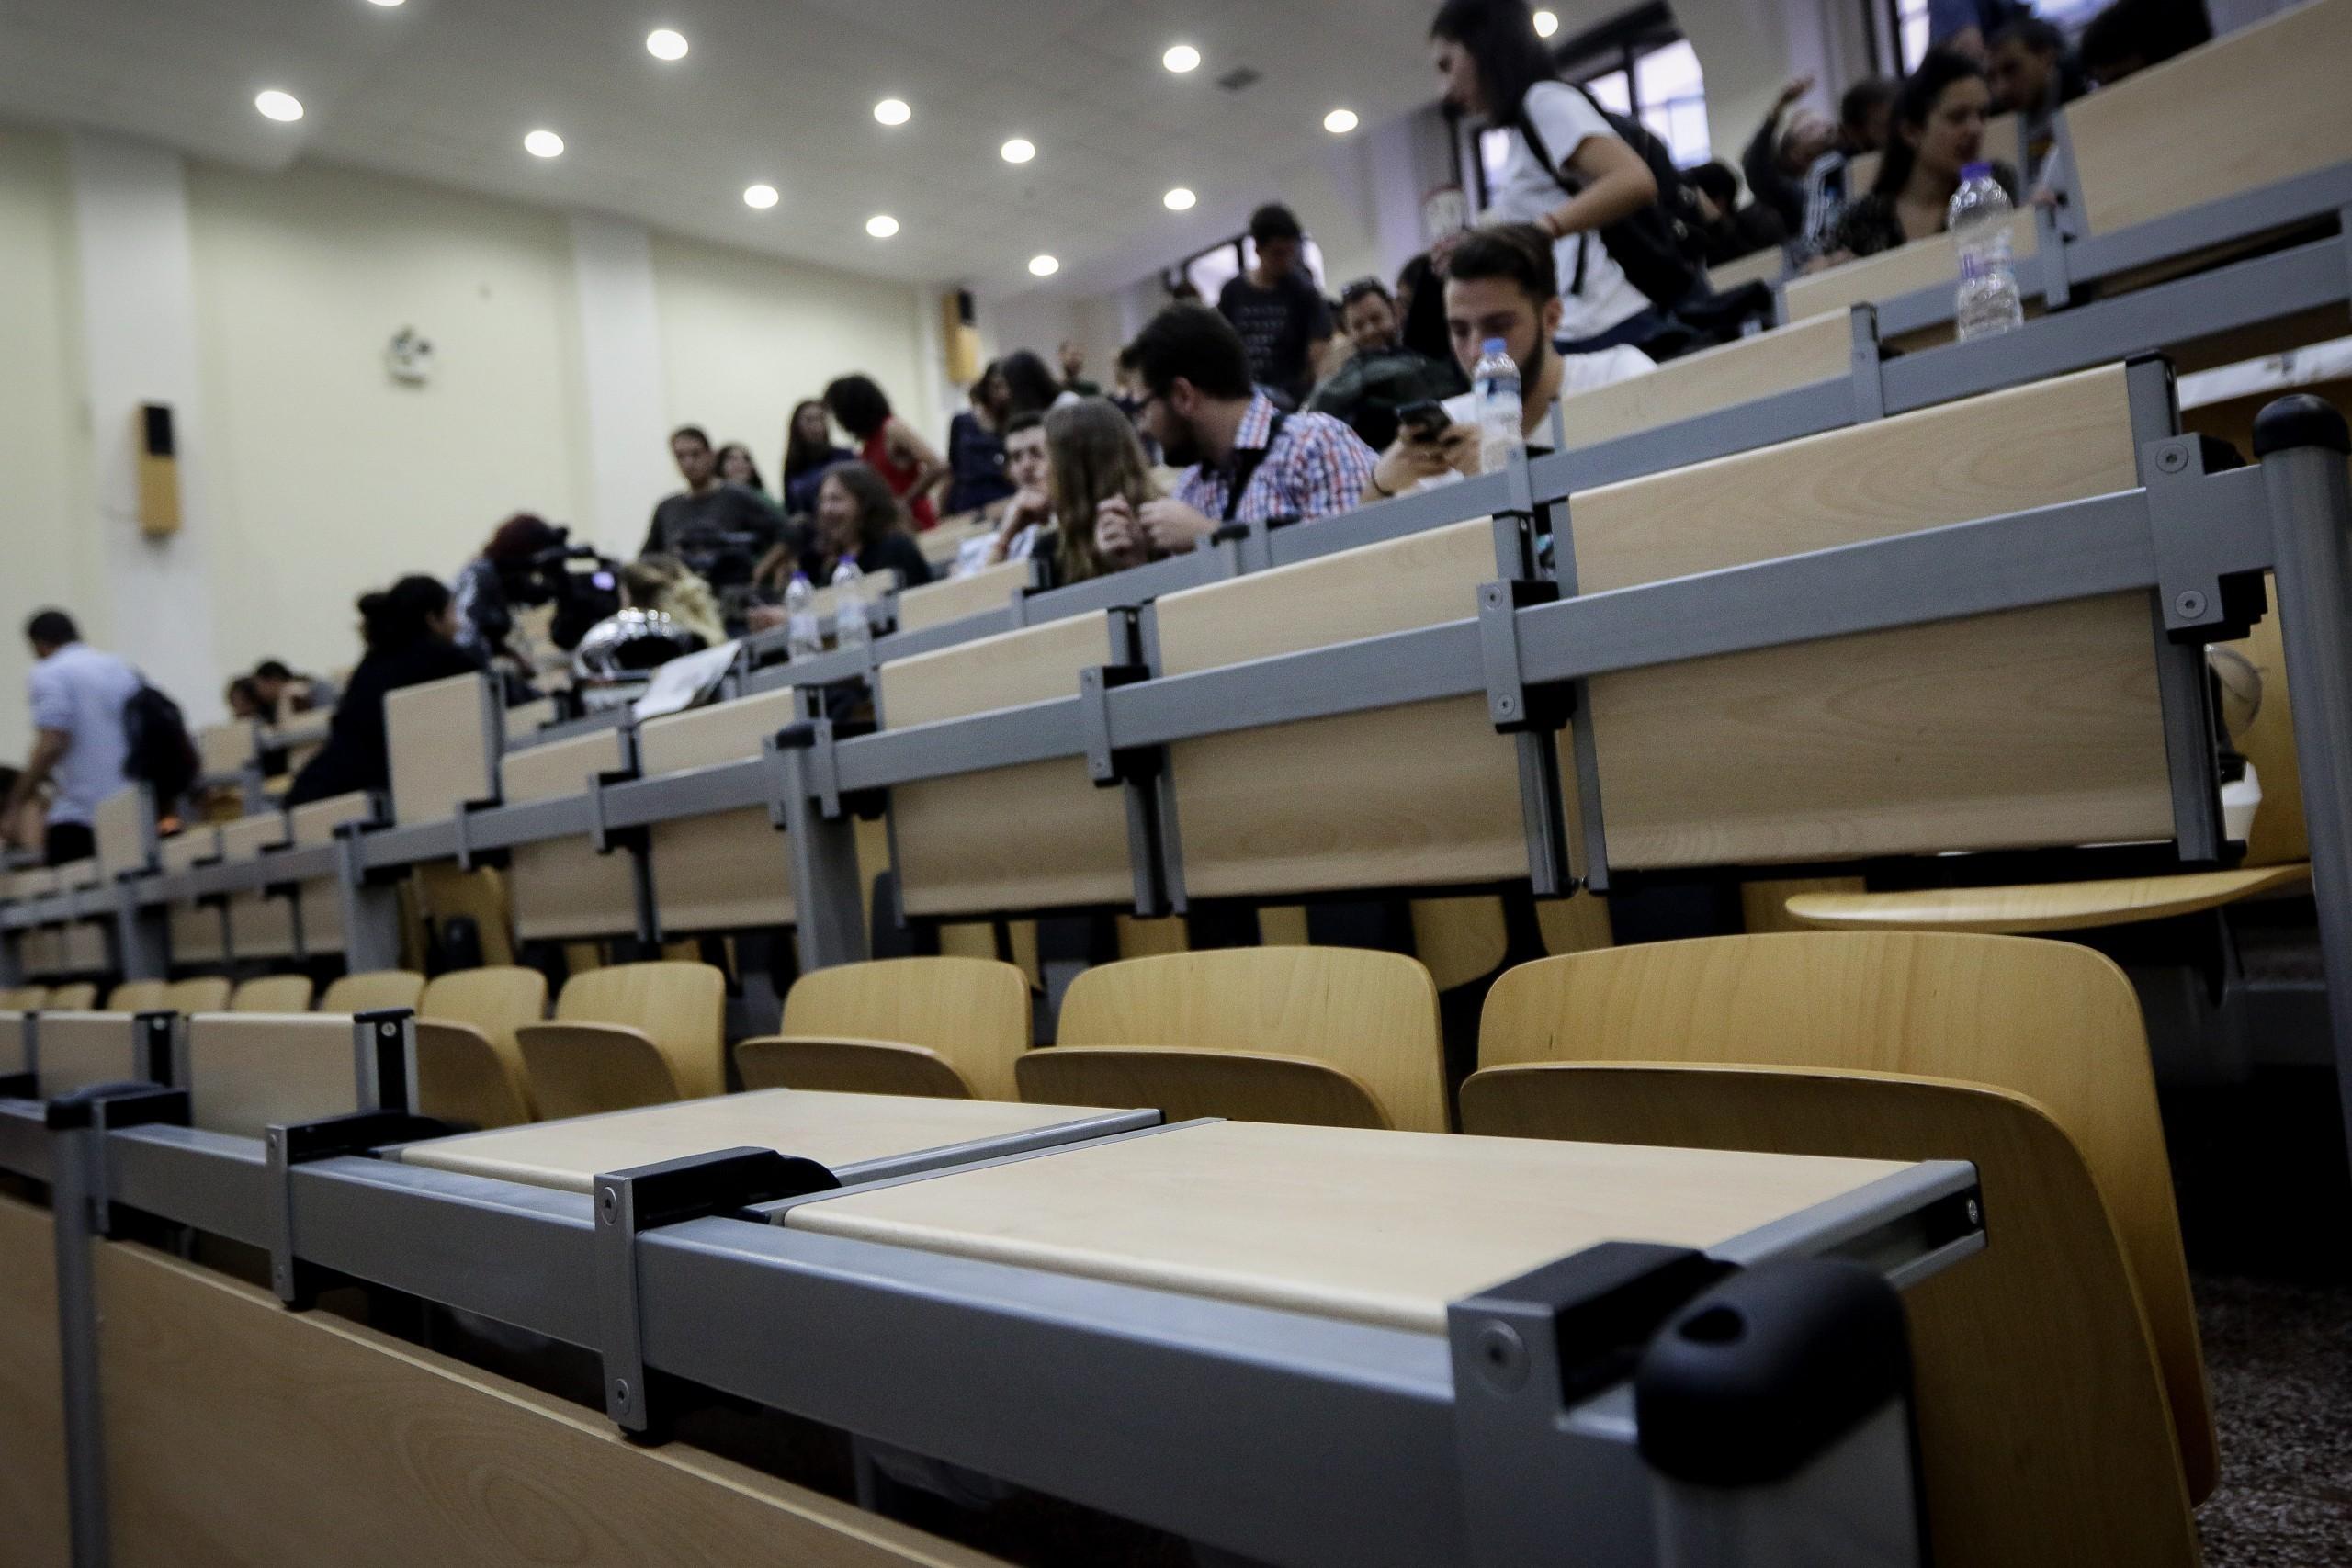 Φοιτητικό στεγαστικό επίδομα: Νέα ημερομηνία για αιτήσεις – Για ποιους ανοίγει ξανά εφαρμογή